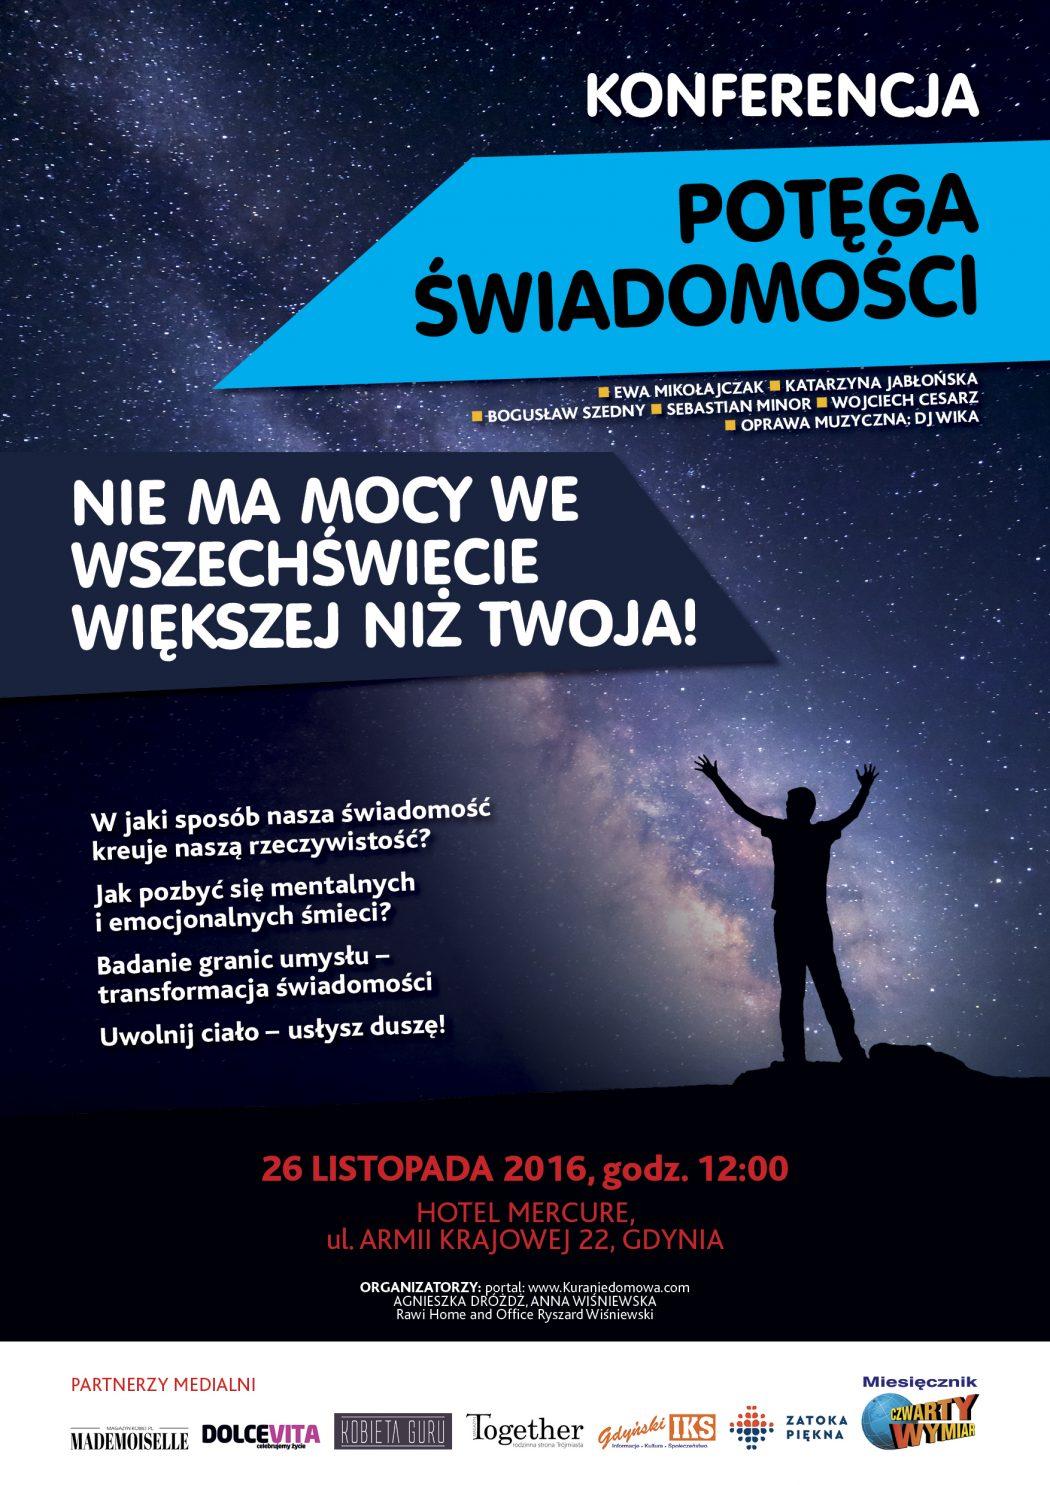 """magazynkobiet.pl - 6257 KONFERENCJA Plakat A3 06 1050x1485 - Kura Nie Domowa - Konferencja """"Potęga Świadomości"""""""